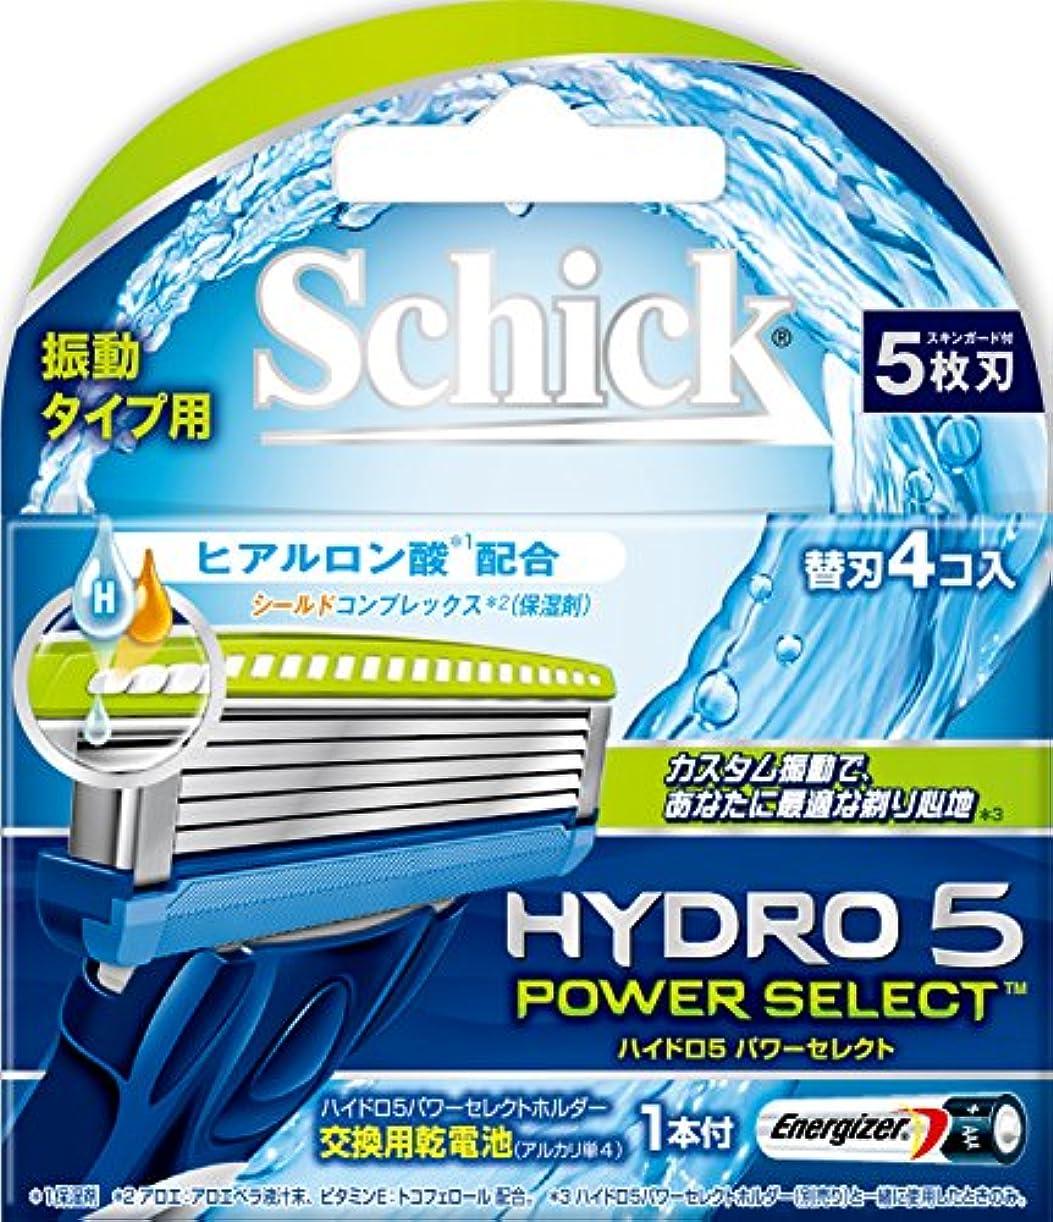 ジム汚染された気味の悪いシック ハイドロ5 パワーセレクト 替刃 4コ入